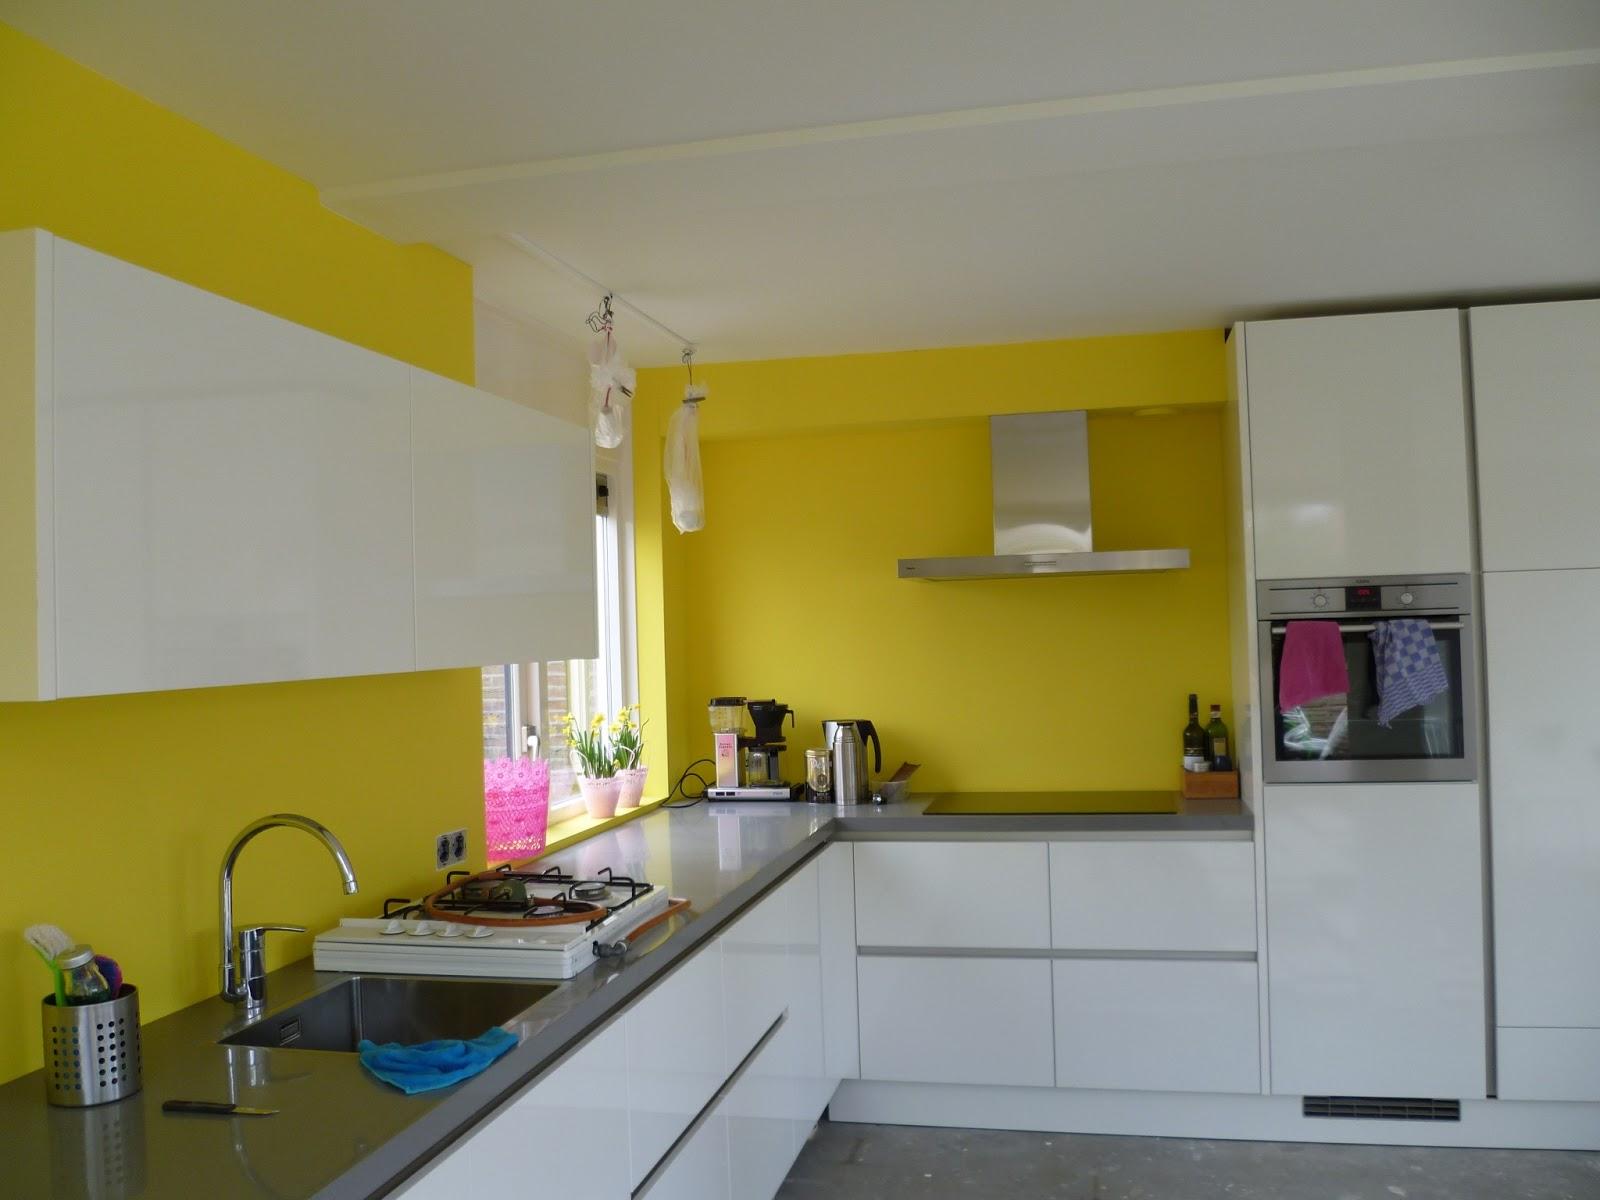 Slaapkamers eiken muur kleur - Keuken muur kleur idee ...